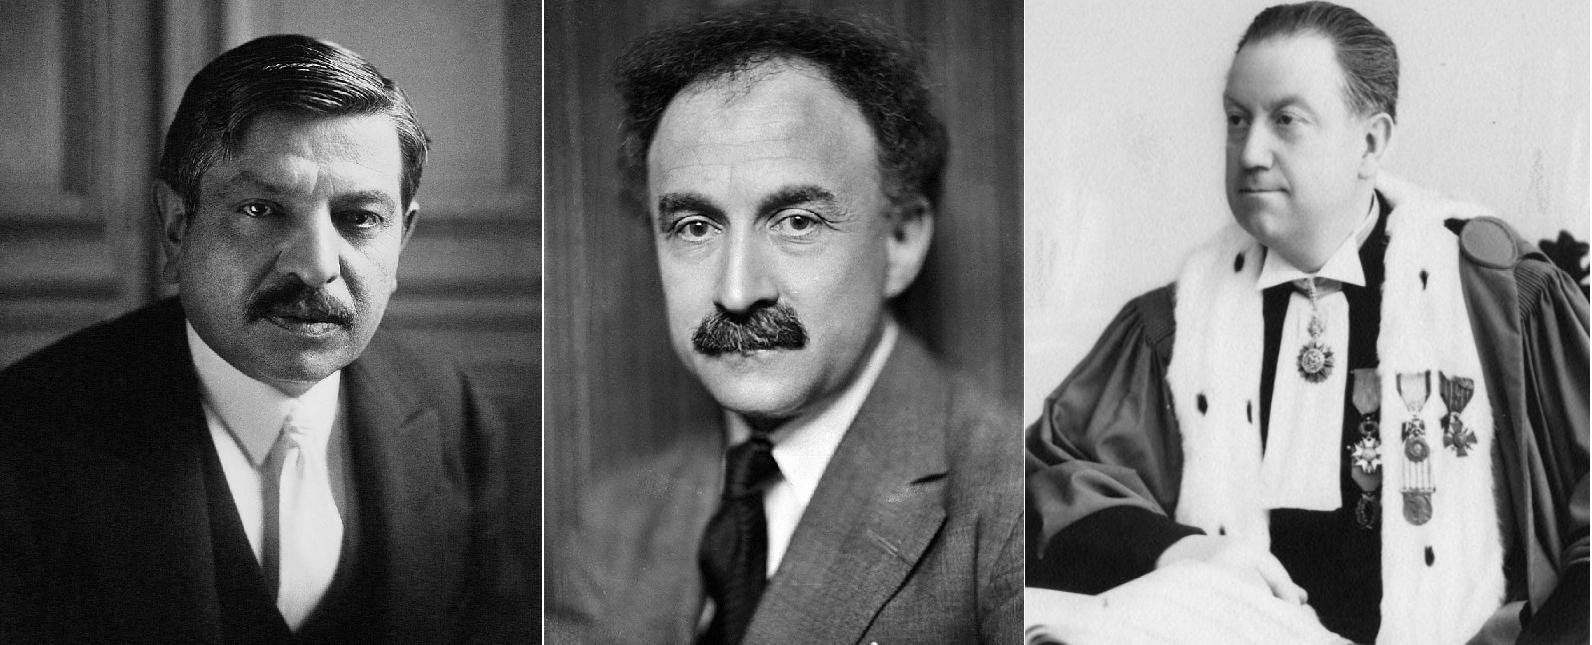 Laval, Bonnard y Gabolde.  fuente Viquipedia